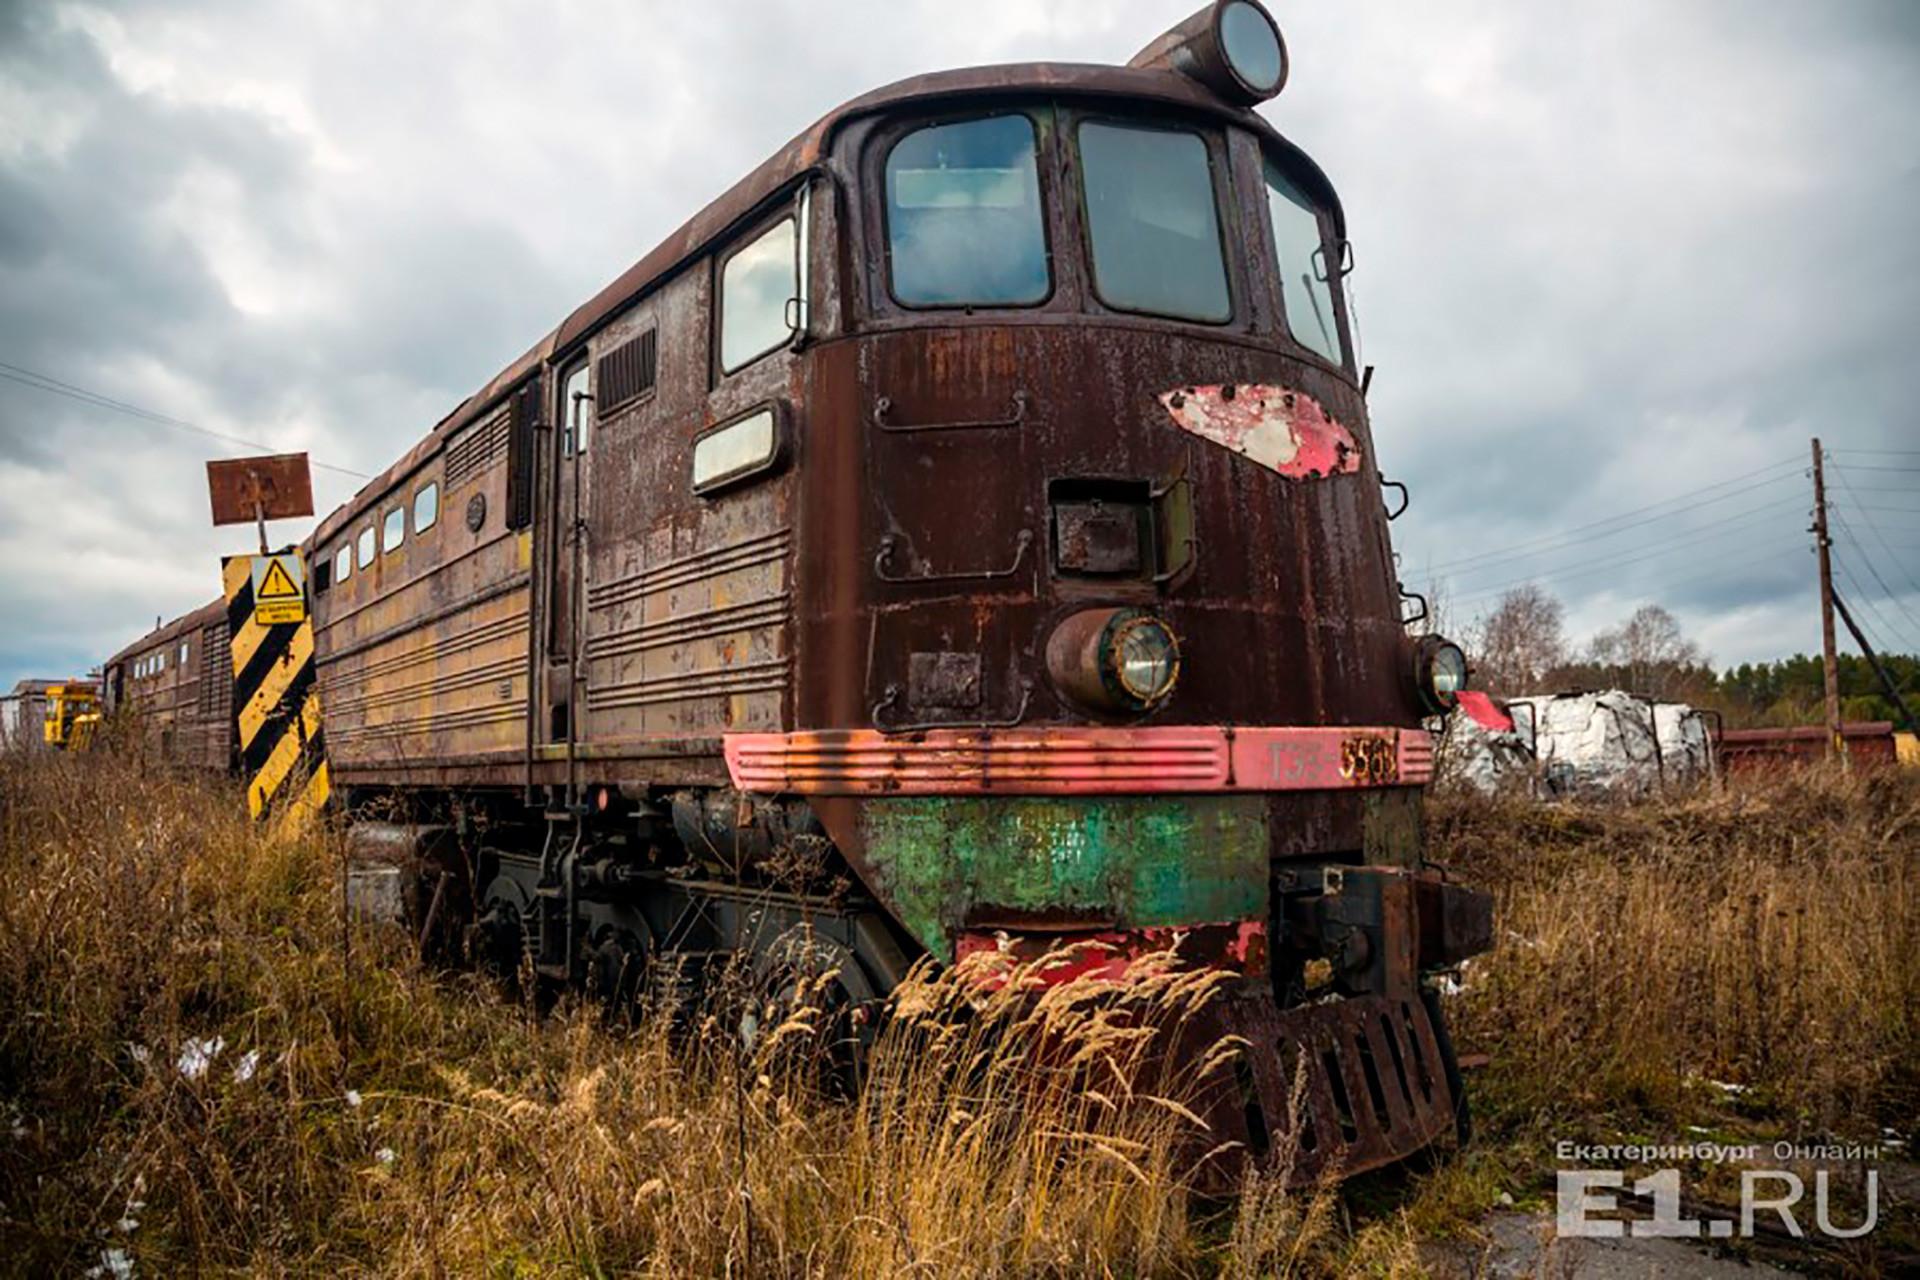 """Einige Züge jedoch landen am Ende auf einem sogenannten """"Eisenbahnfriedhof"""", einer Sammelstelle für Lokomotiven und Waggons aus den unterschiedlichsten Zeiten."""